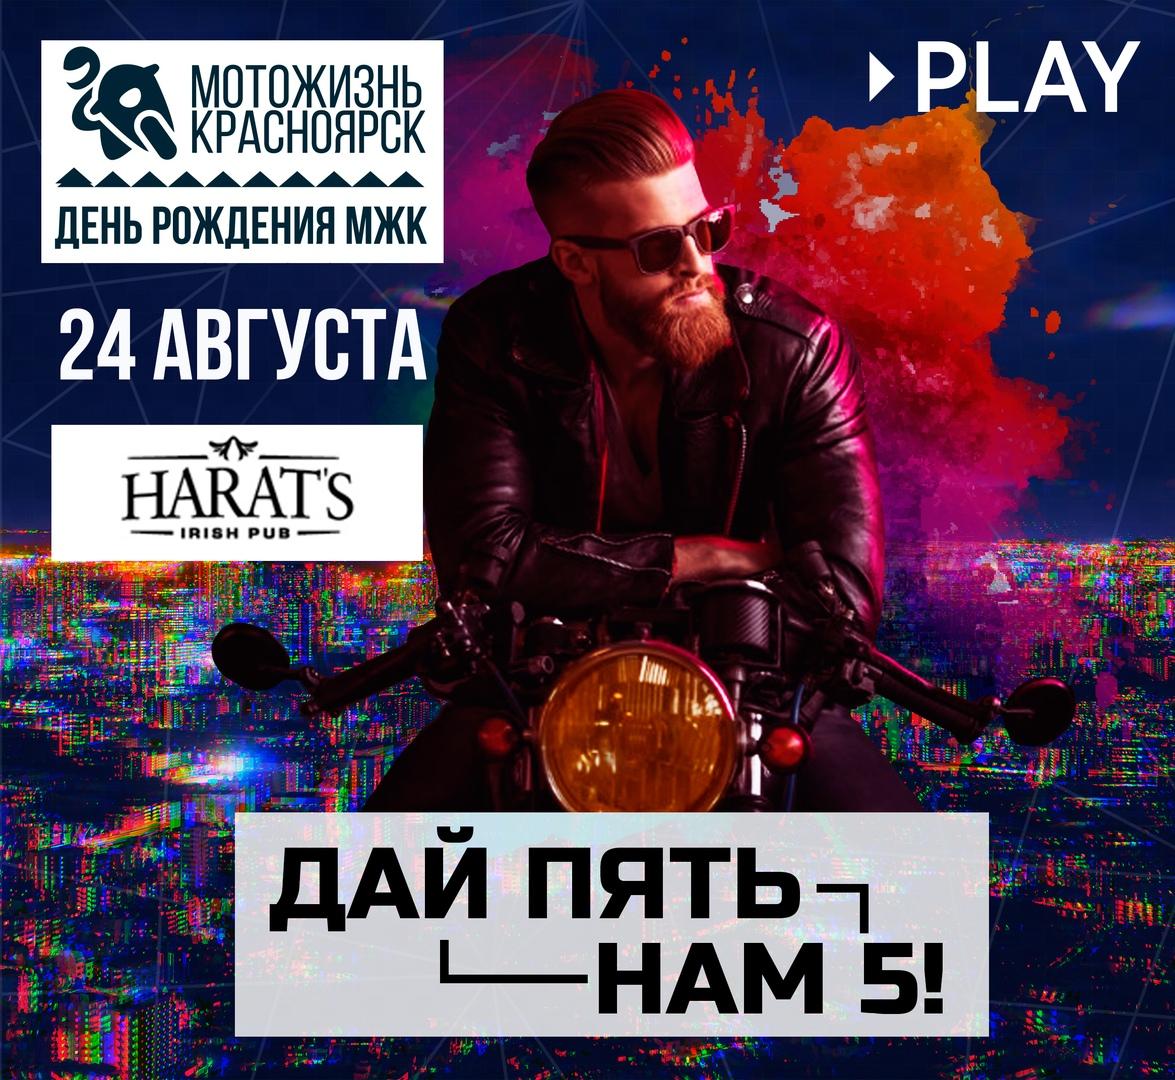 Афиша МотоЖизнь Красноярск 5 лет